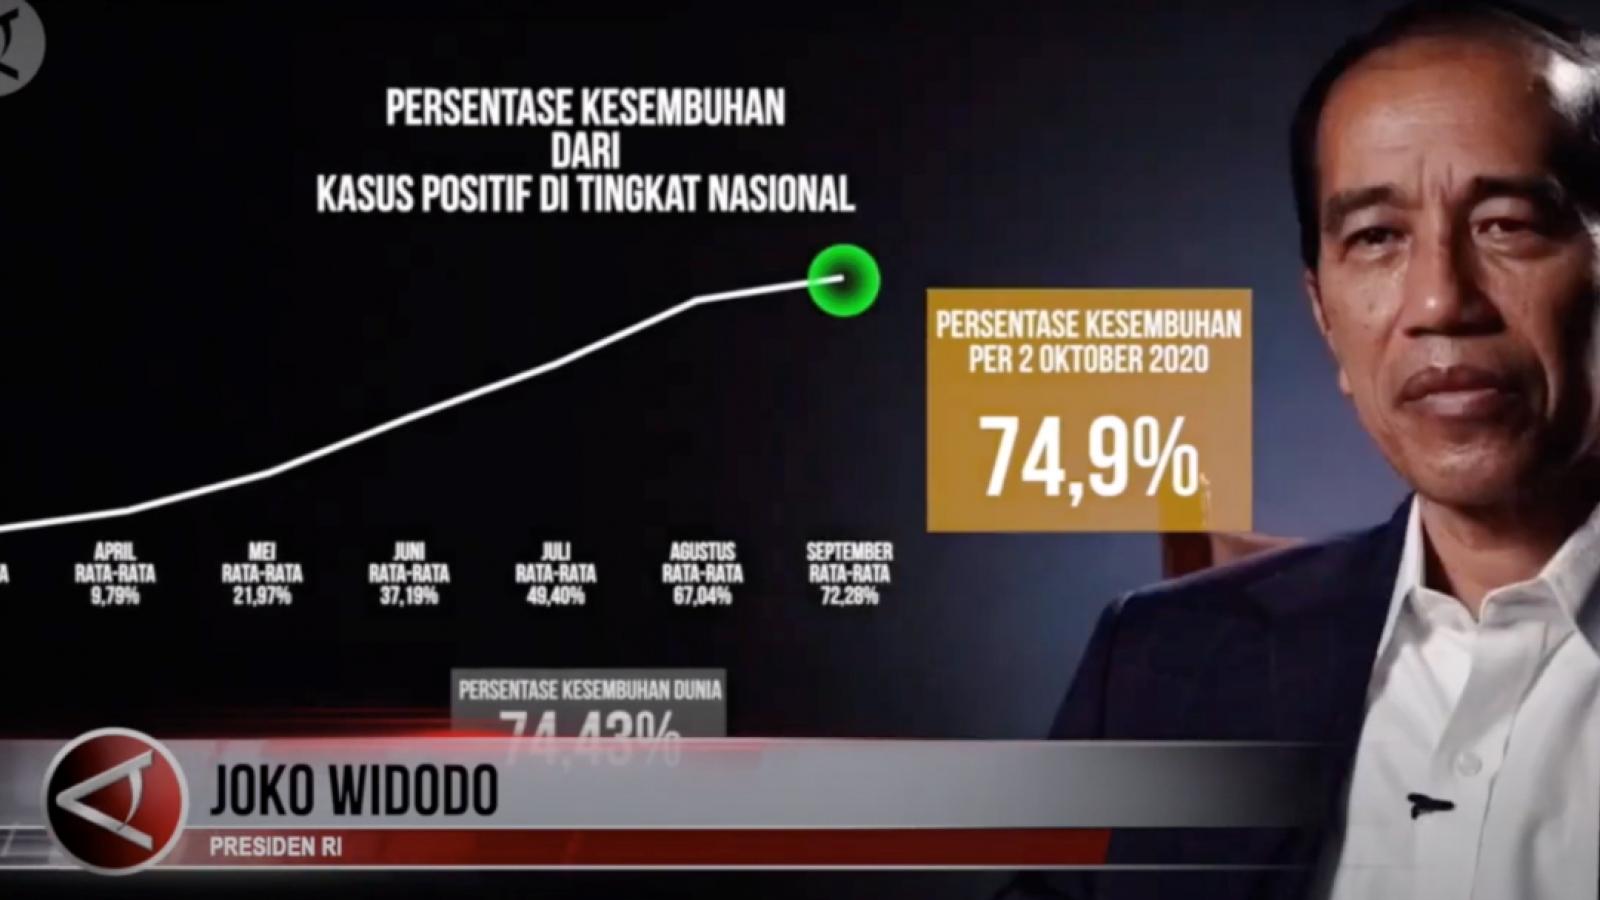 Có hơn 300.000 ca Covid-19, Tổng thống Indonesia vẫn khẳng định xử lý tốt đại dịch